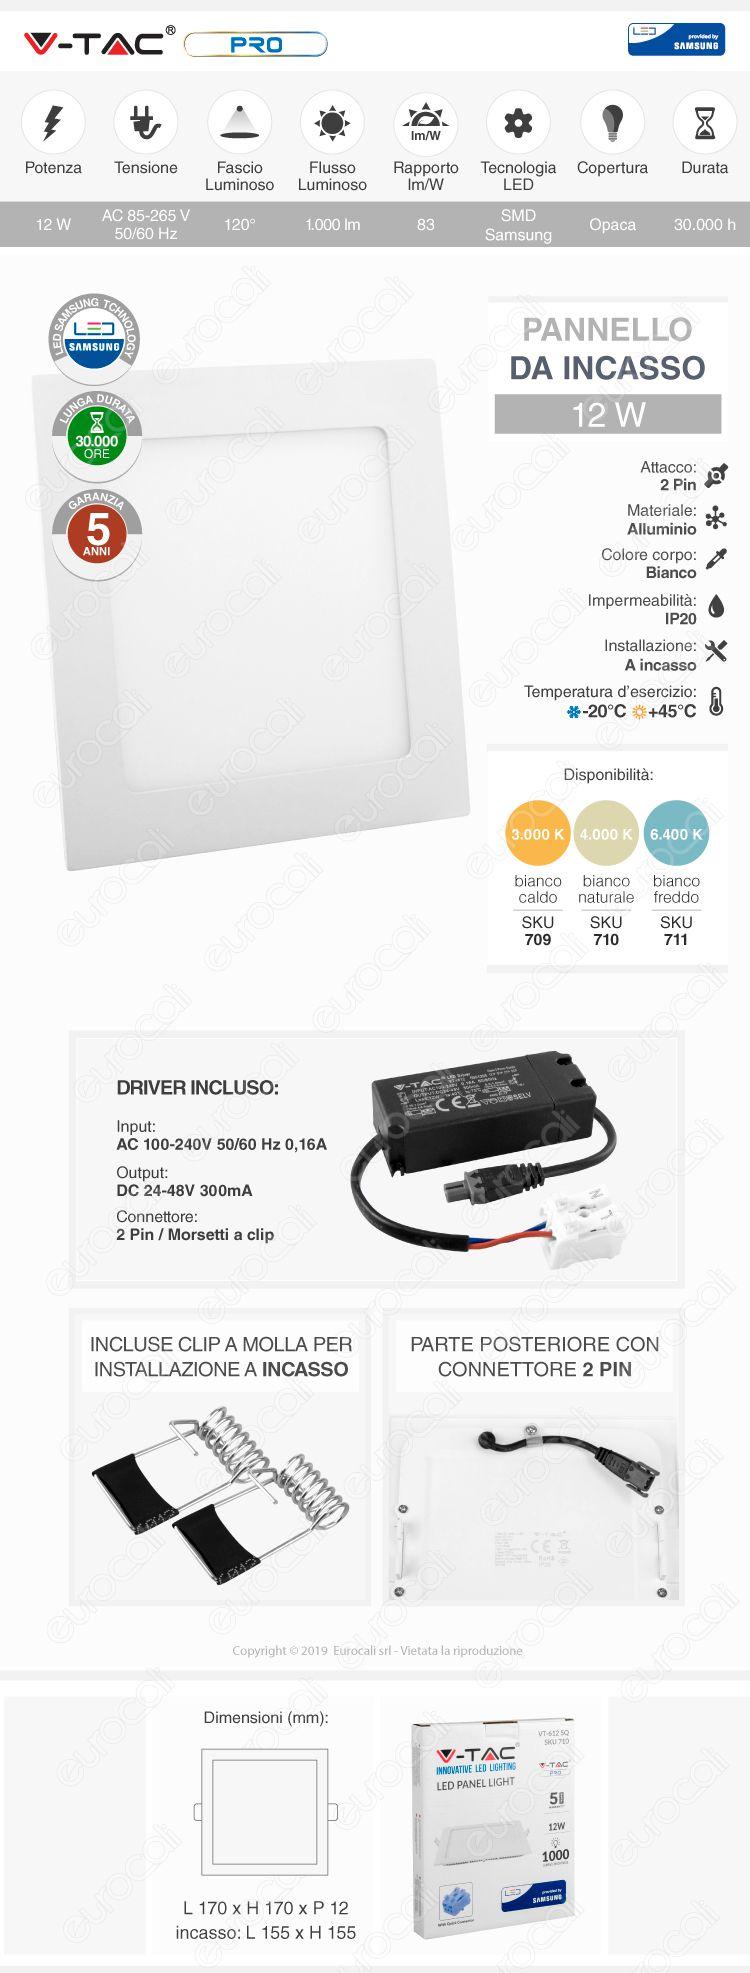 V-Tac PRO VT-618 RD Pannello LED Rotondo 18W SMD da Incasso con Driver con Chip Samsung